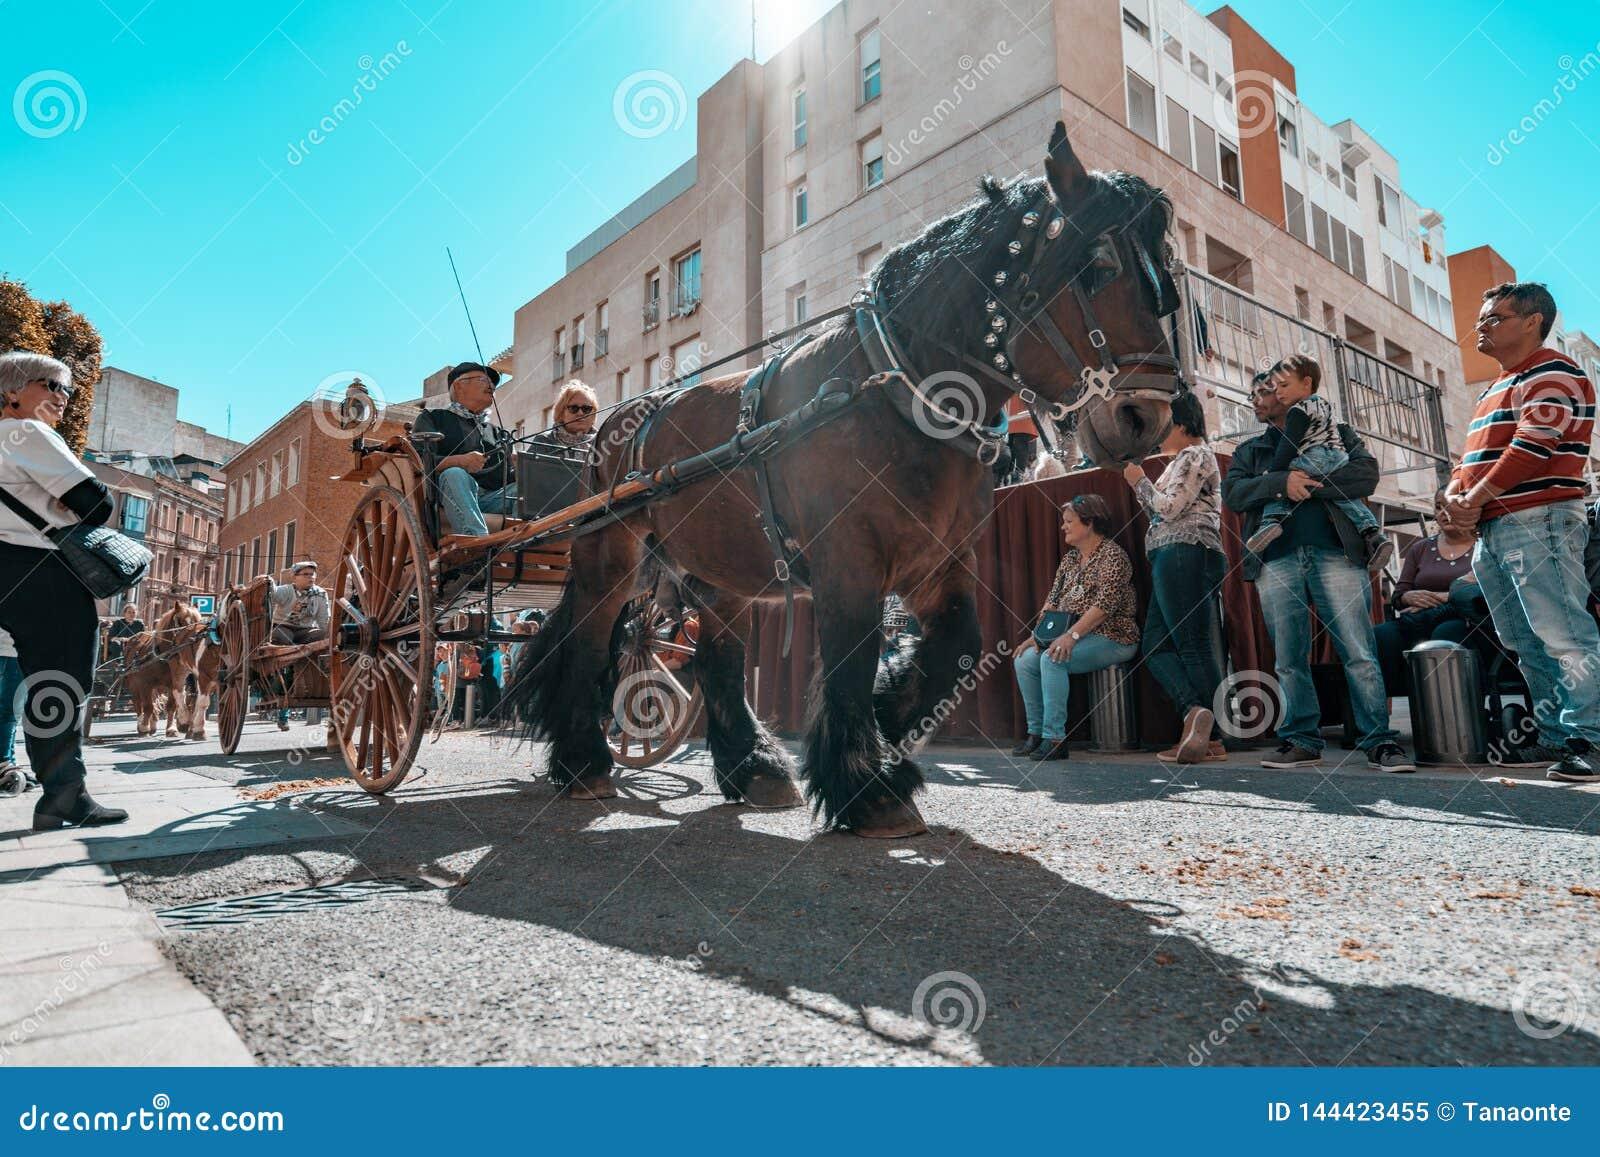 雷乌斯,西班牙 2019年3月:拉扯教练的马在特雷斯坟茔节日列队行进的市中心附近